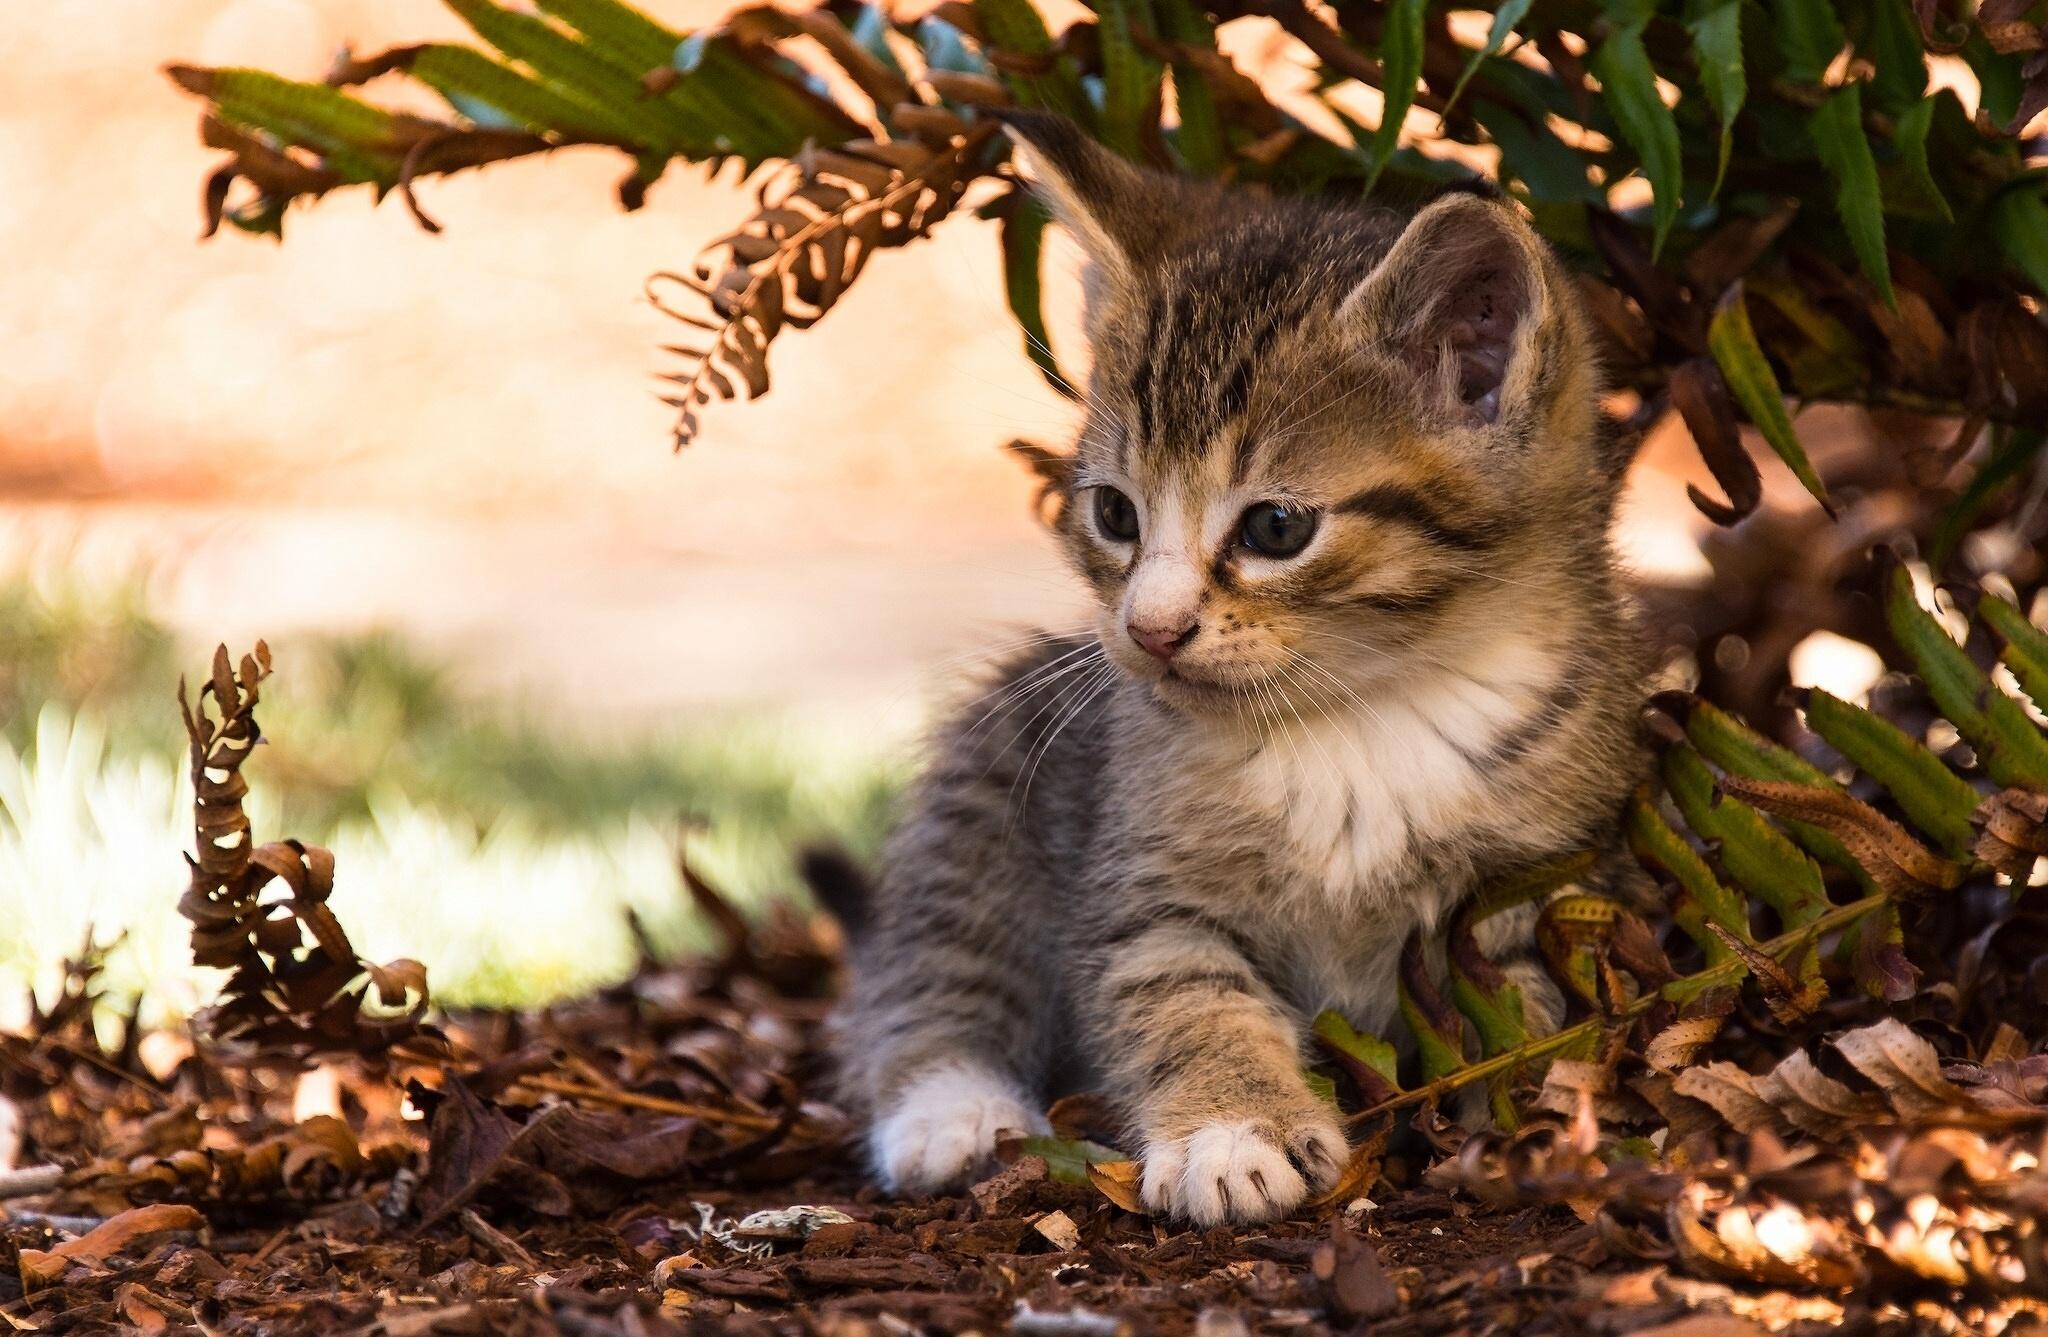 бойтесь картинки на рабочий стол котята в природе толщины армирующих